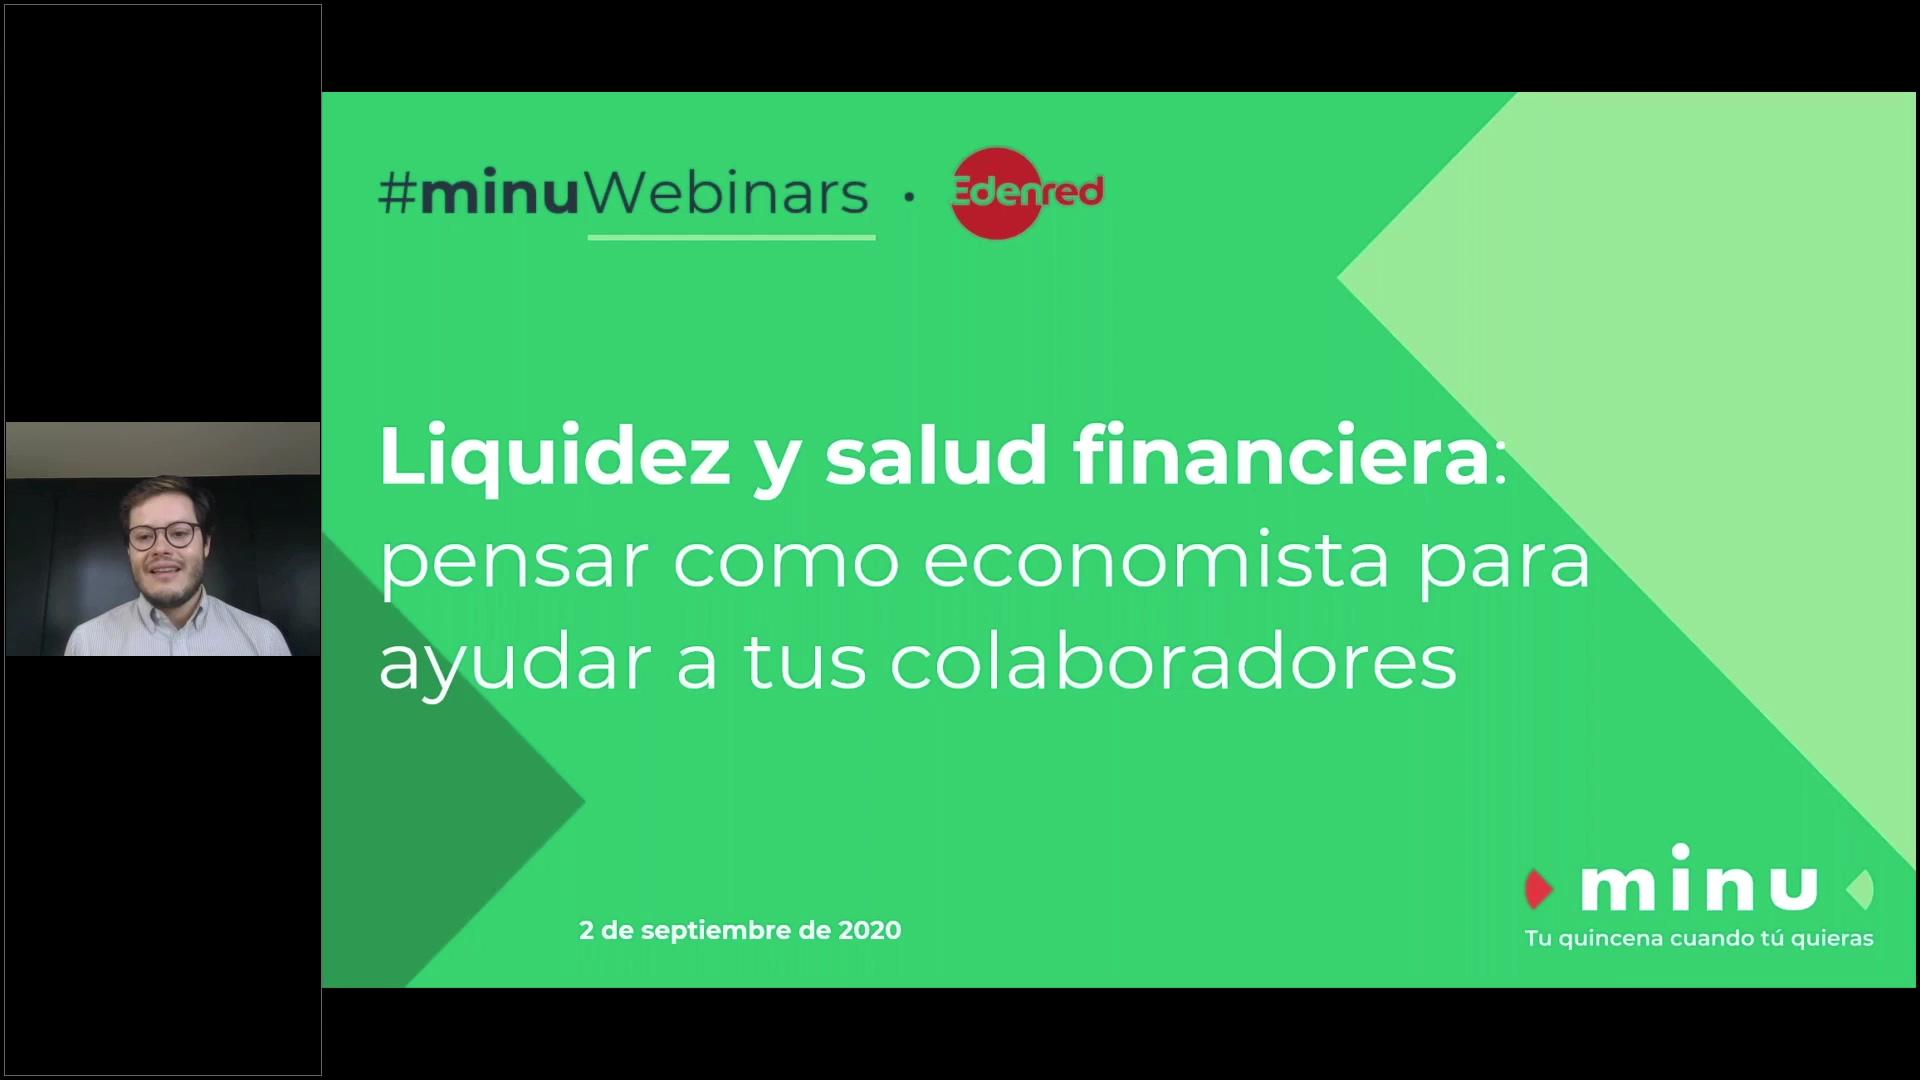 57 clip webinar Liquidez y salud financiera pensar como economista para apoyar a tus colaboradores